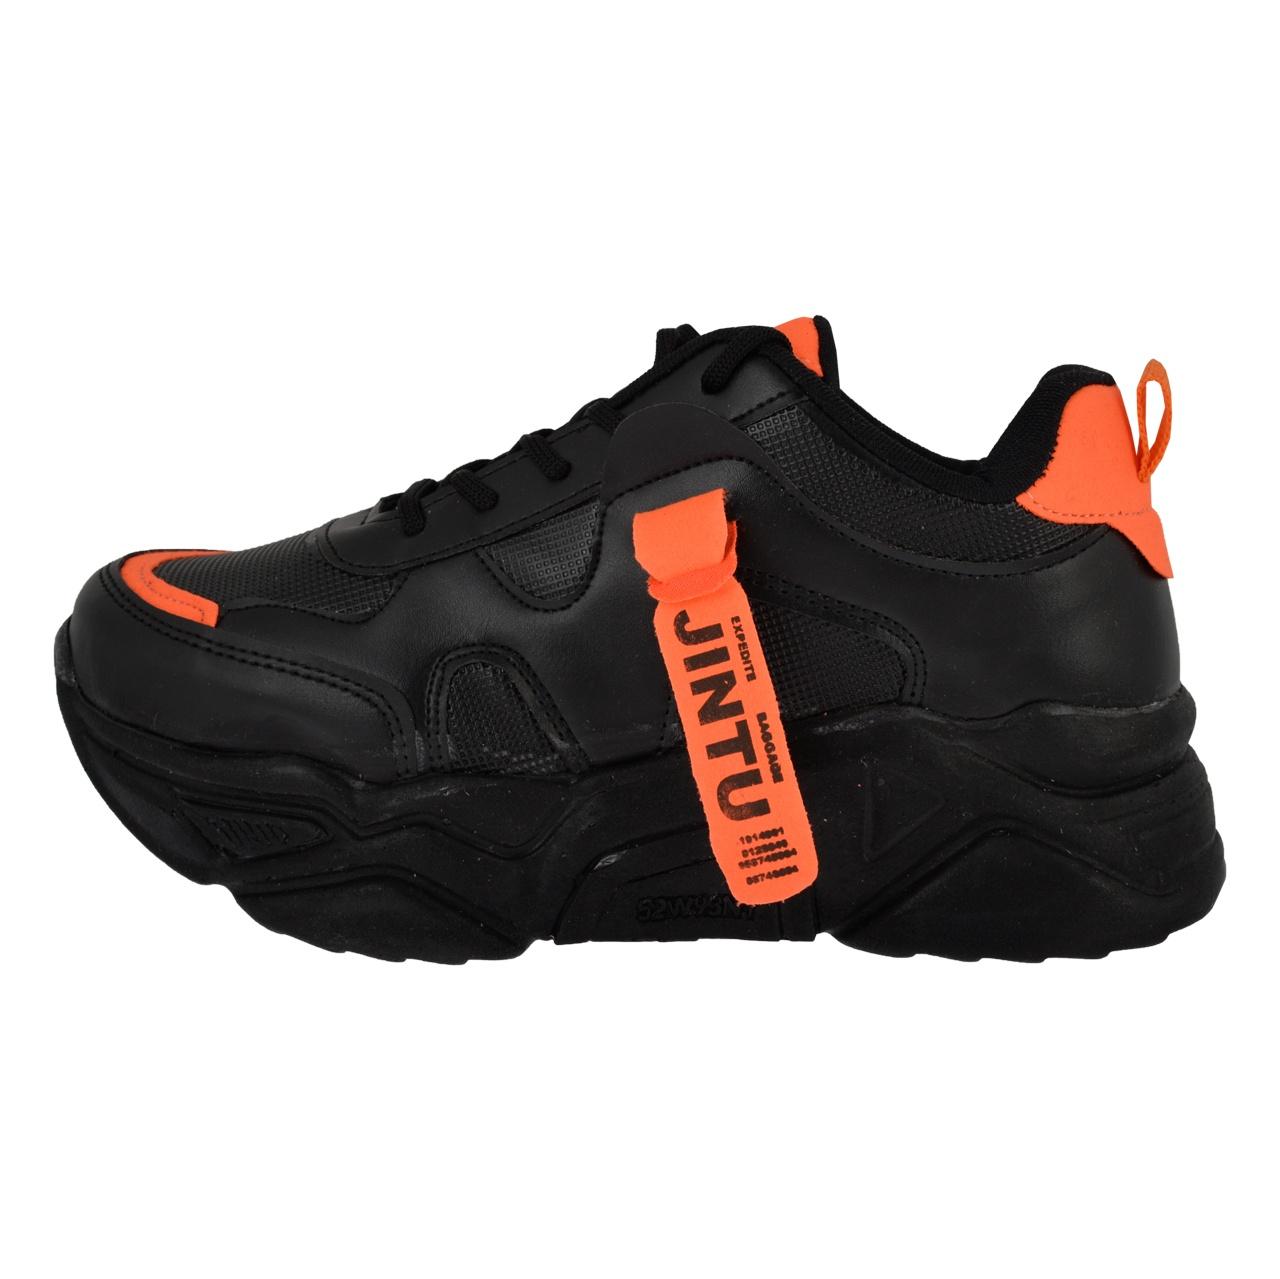 کفش مخصوص پیاده روی زنانه کد 349000806